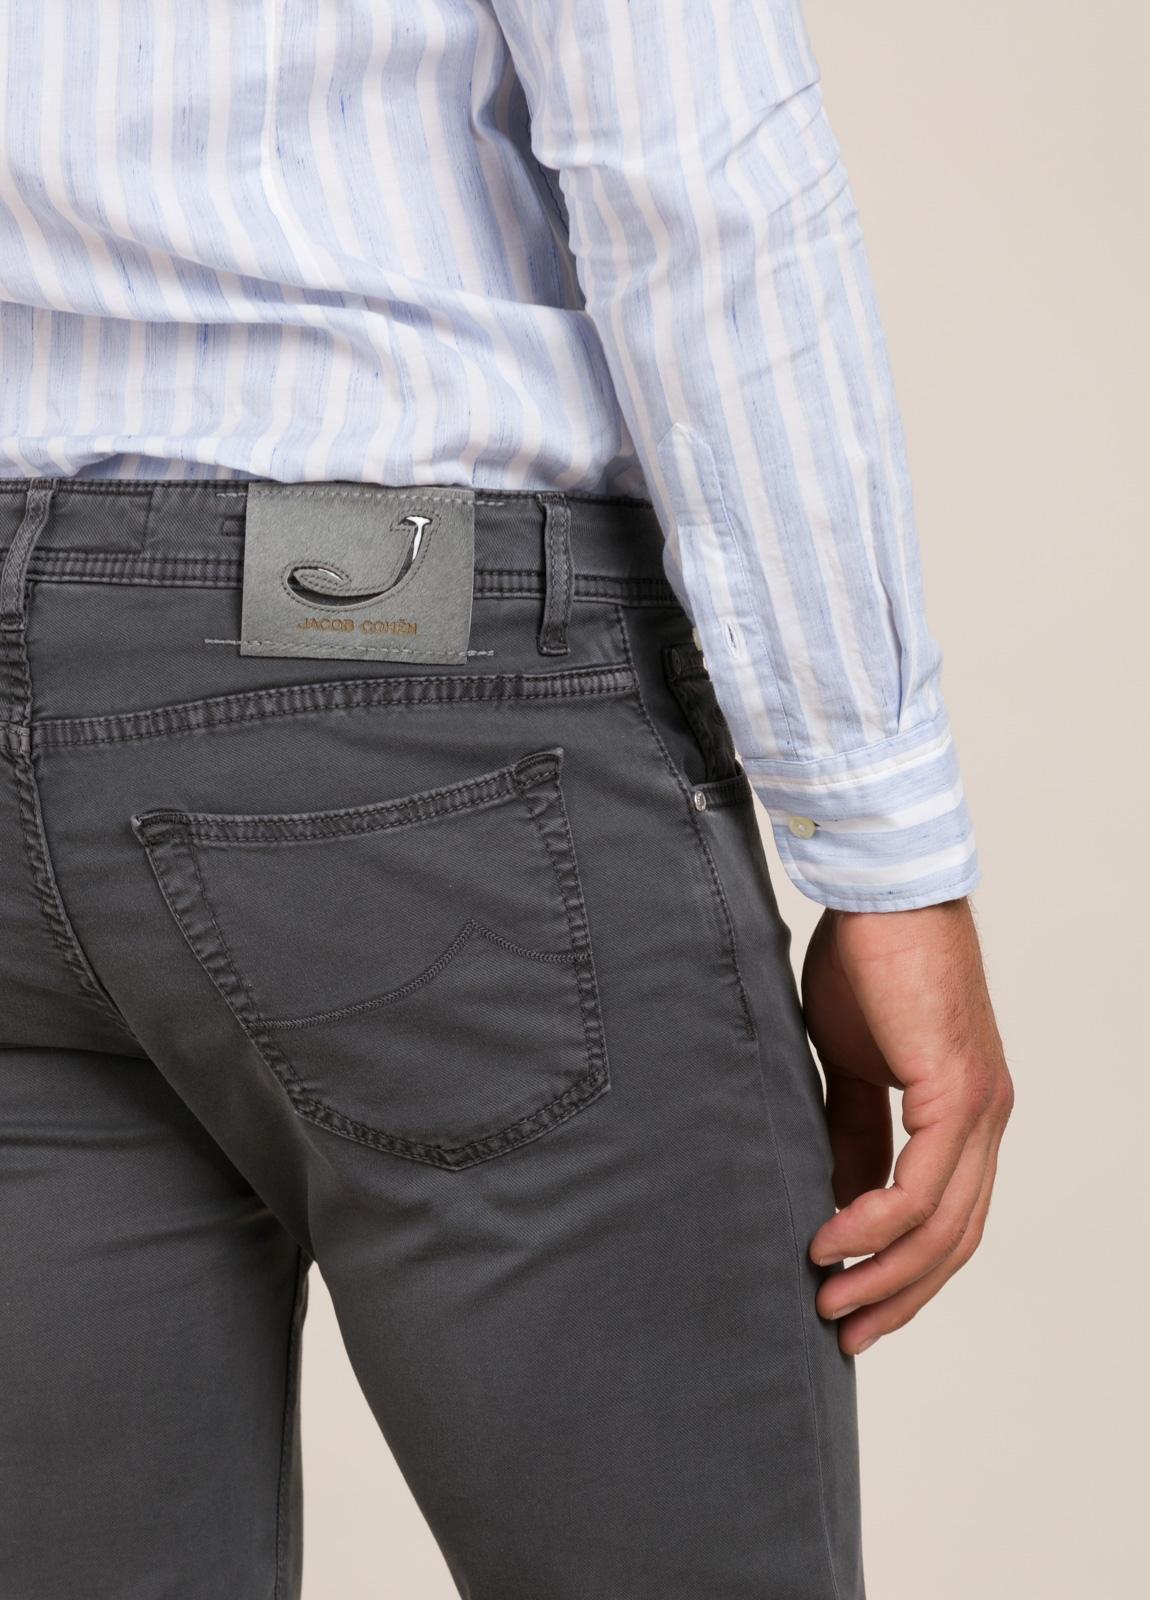 Pantalón tejano JACOB COHEN gris oscuro - Ítem1